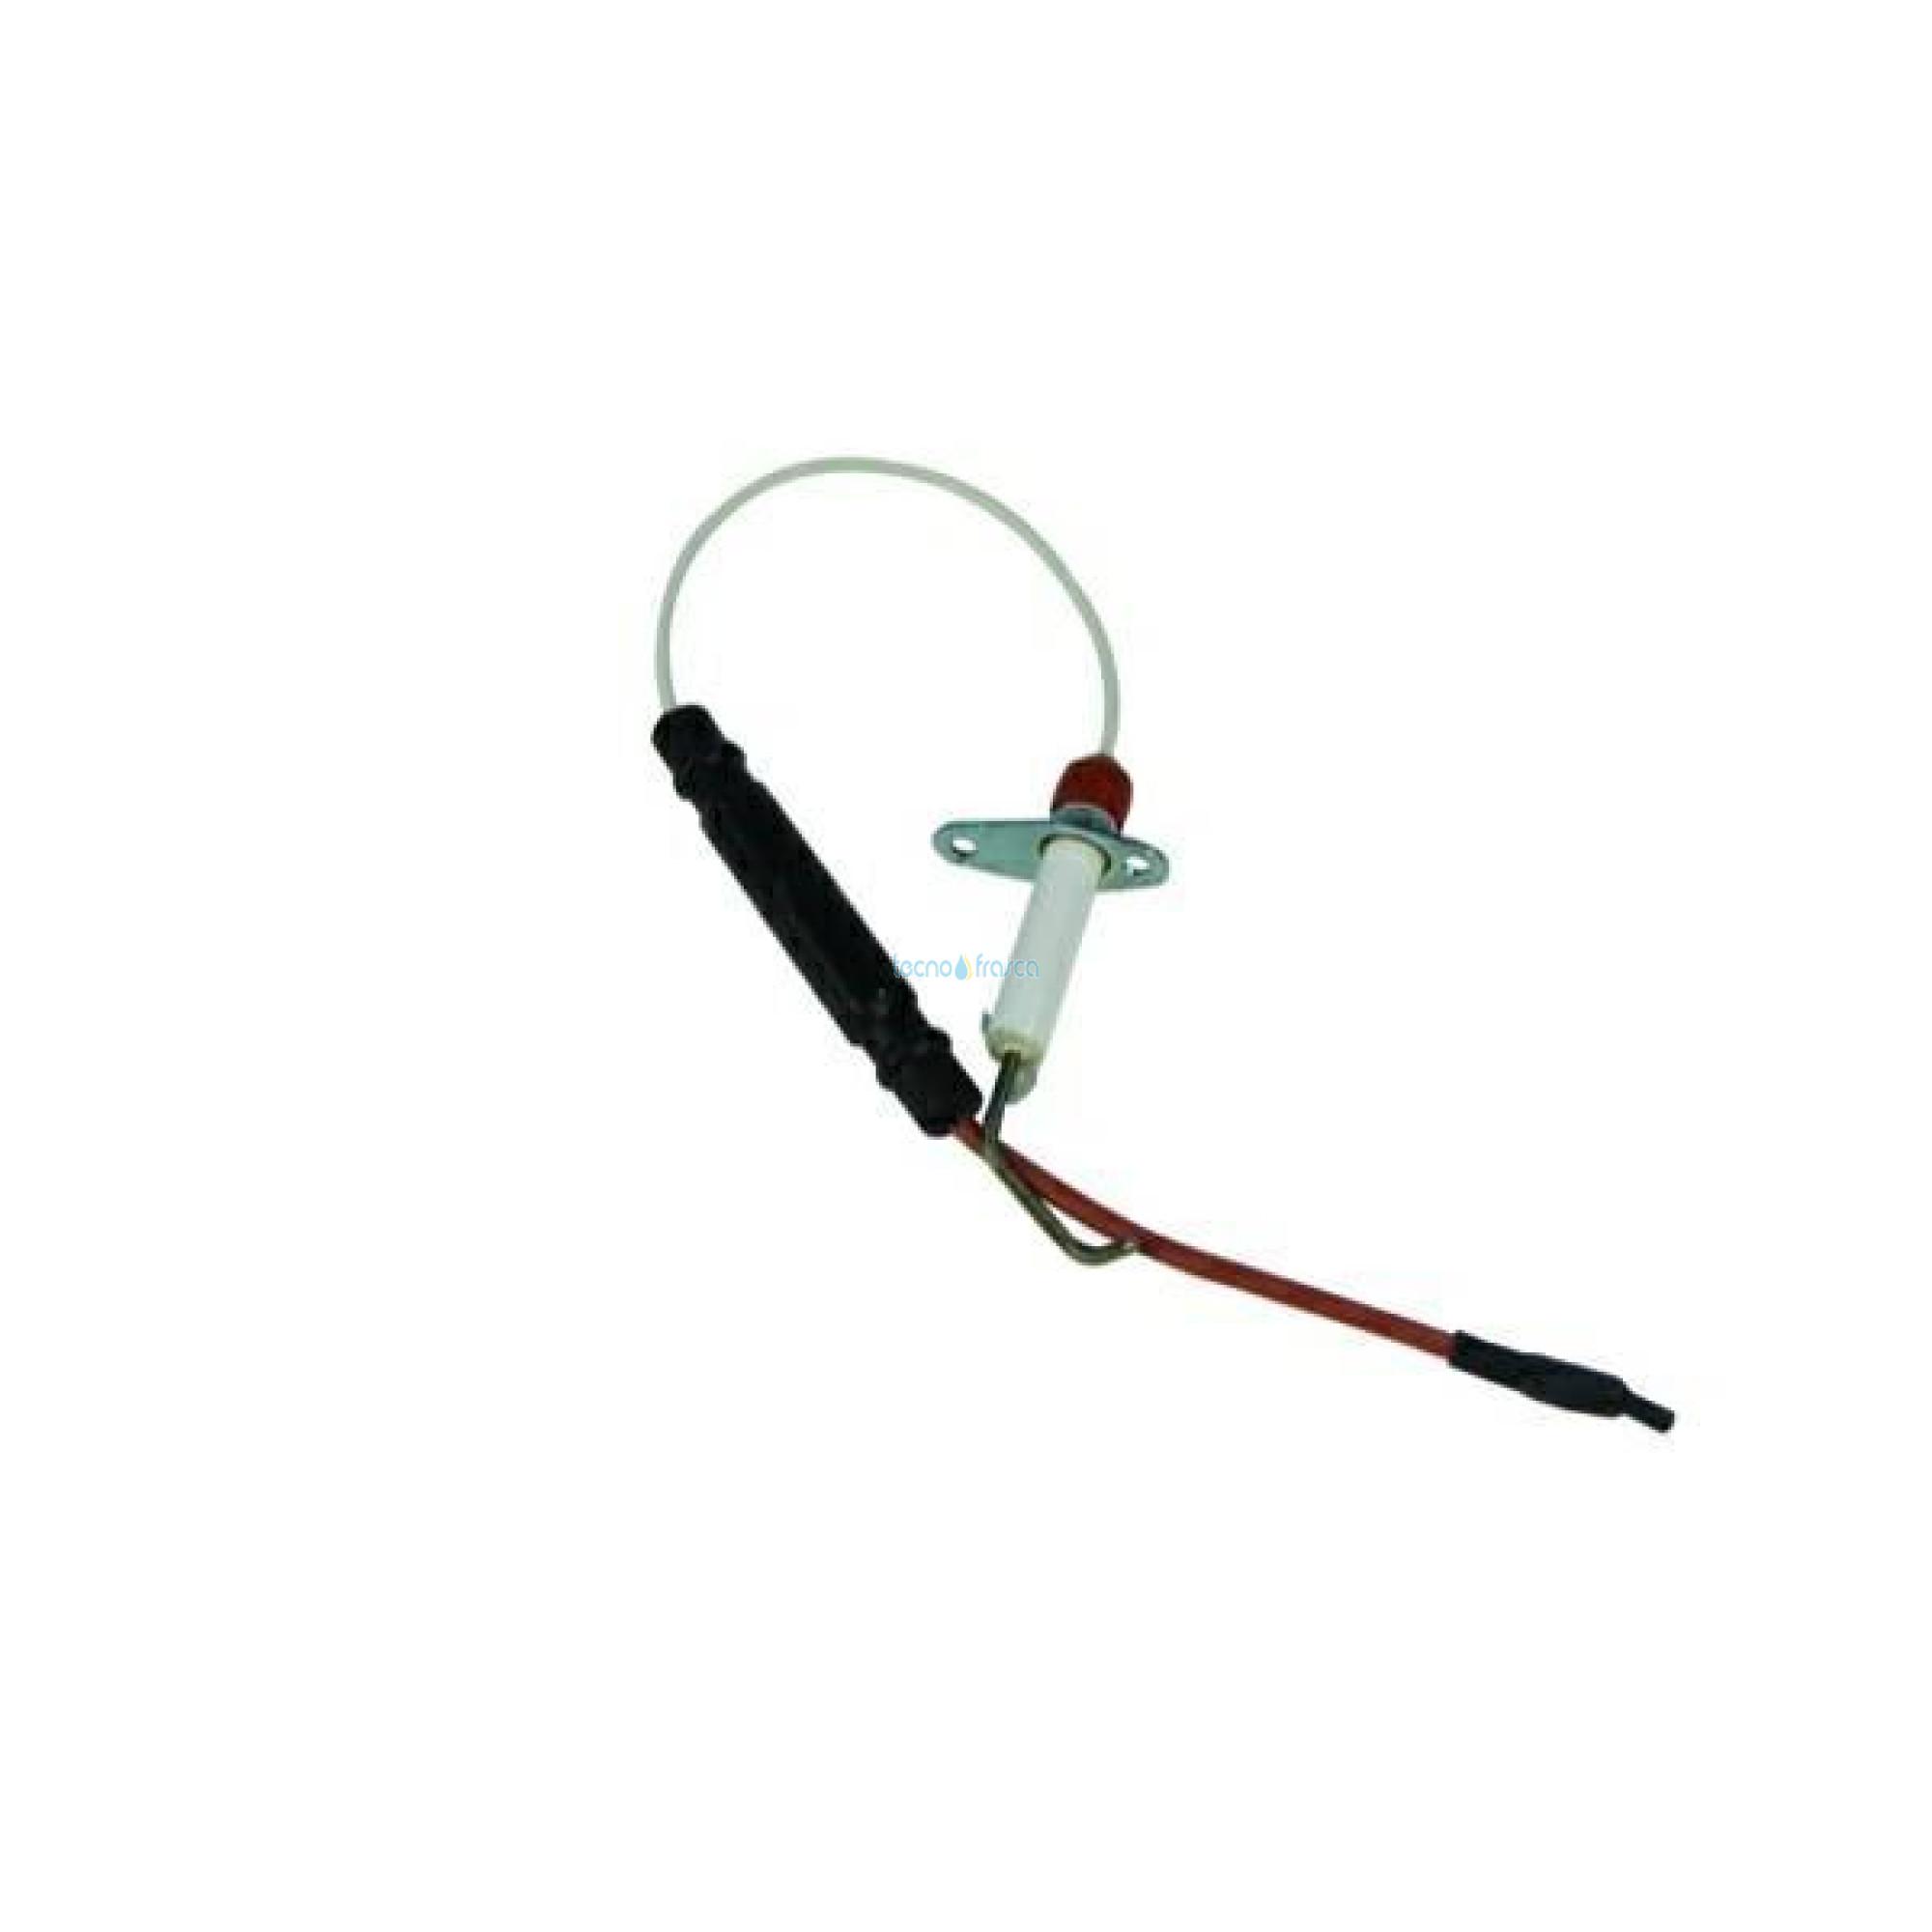 Immergas elettrodo di accensione rielvazione condensazione 3.013753